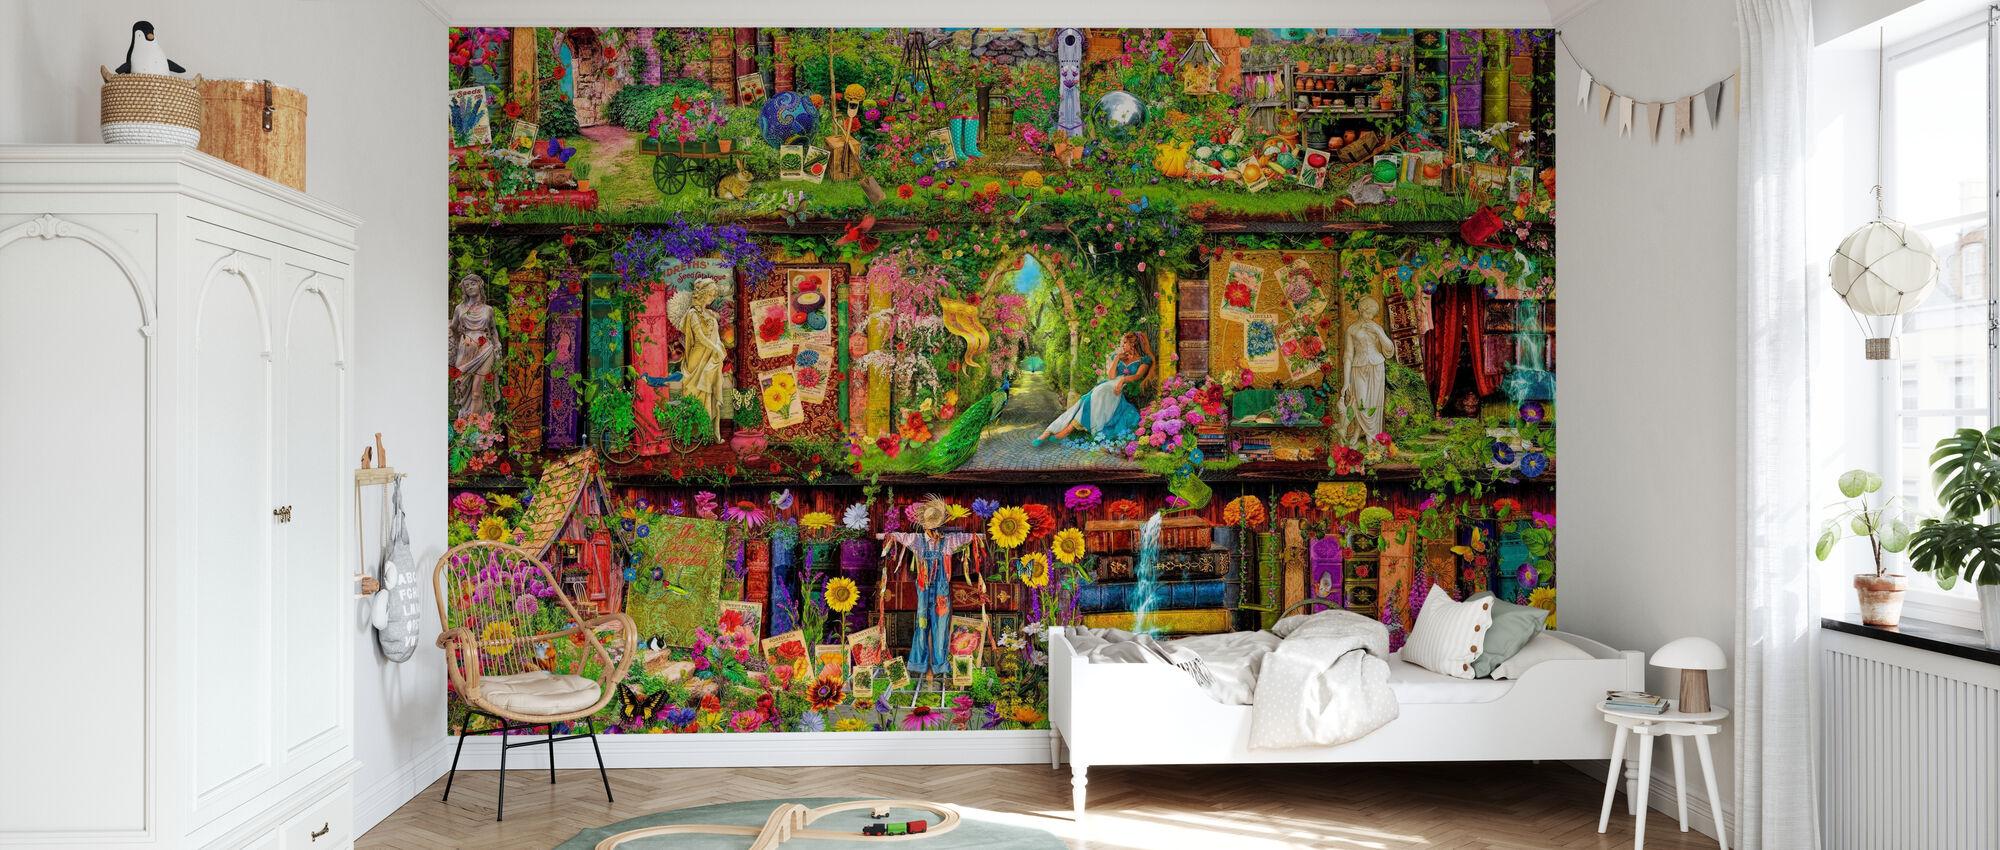 L'étagère de jardin - Papier peint - Chambre des enfants